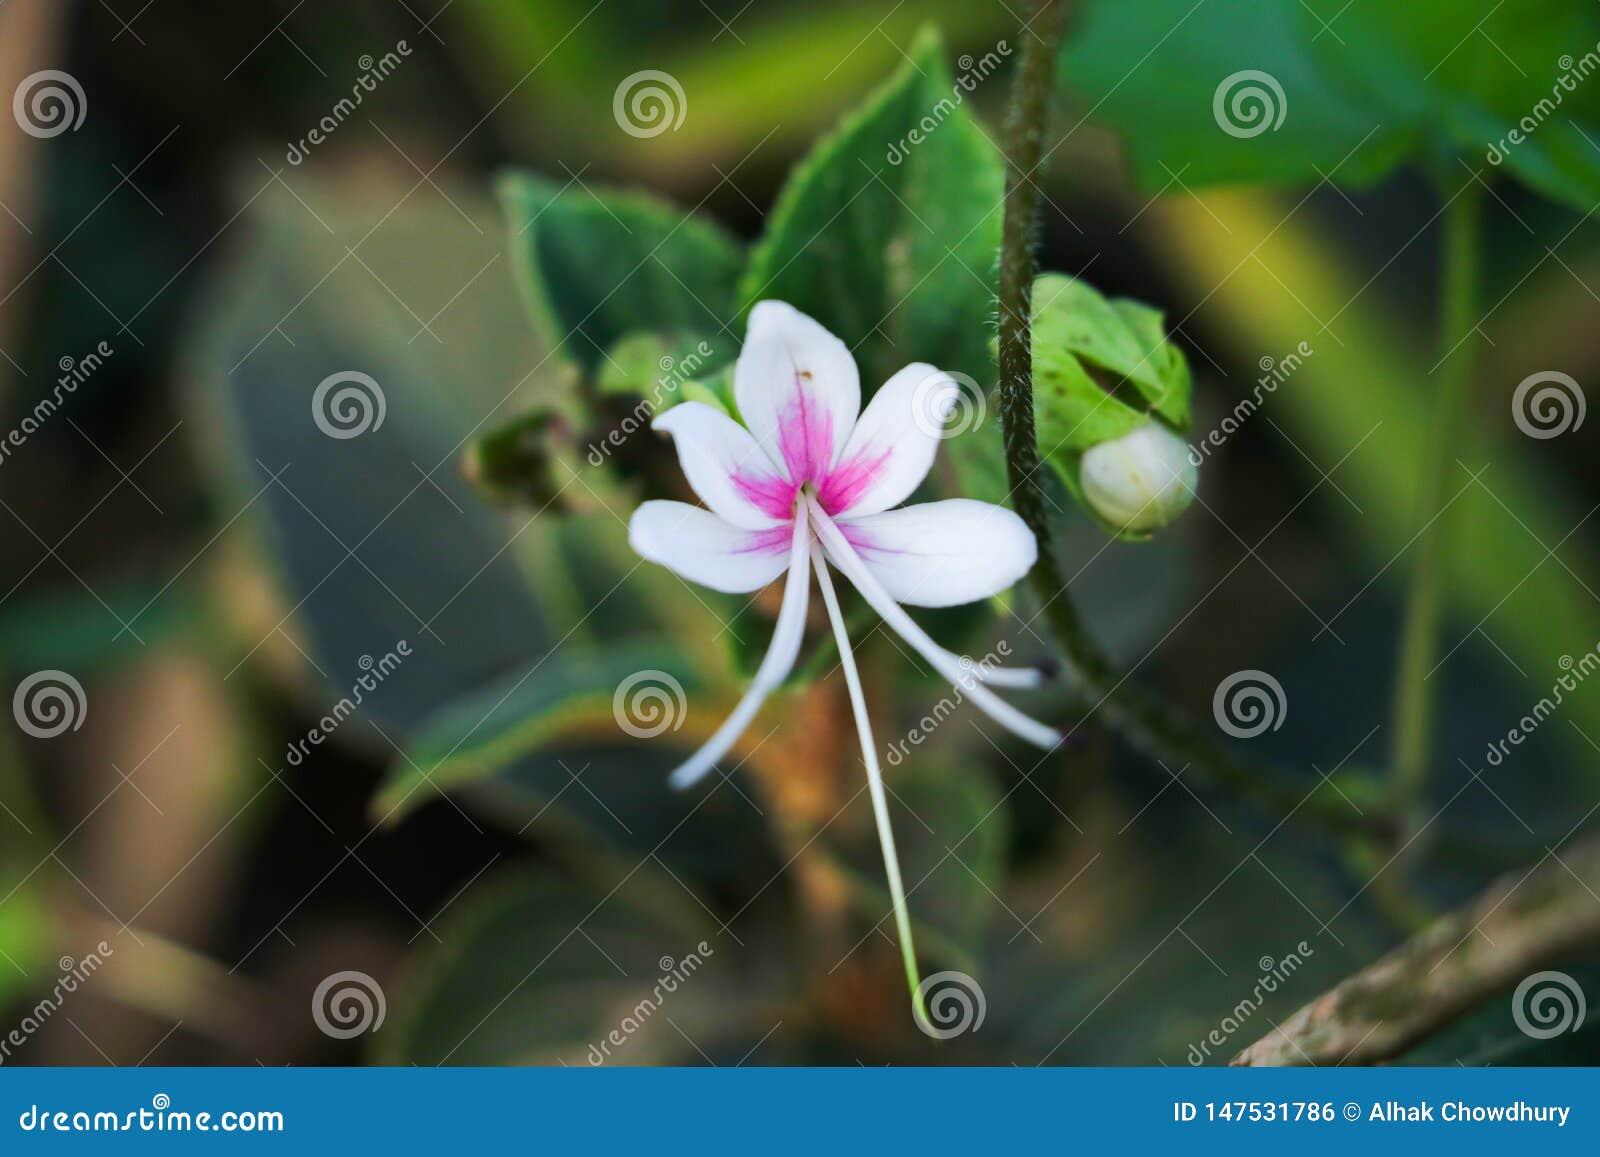 Enkel vit blomma på mer blå grön bakgrundsfärg som är vit och, och annan